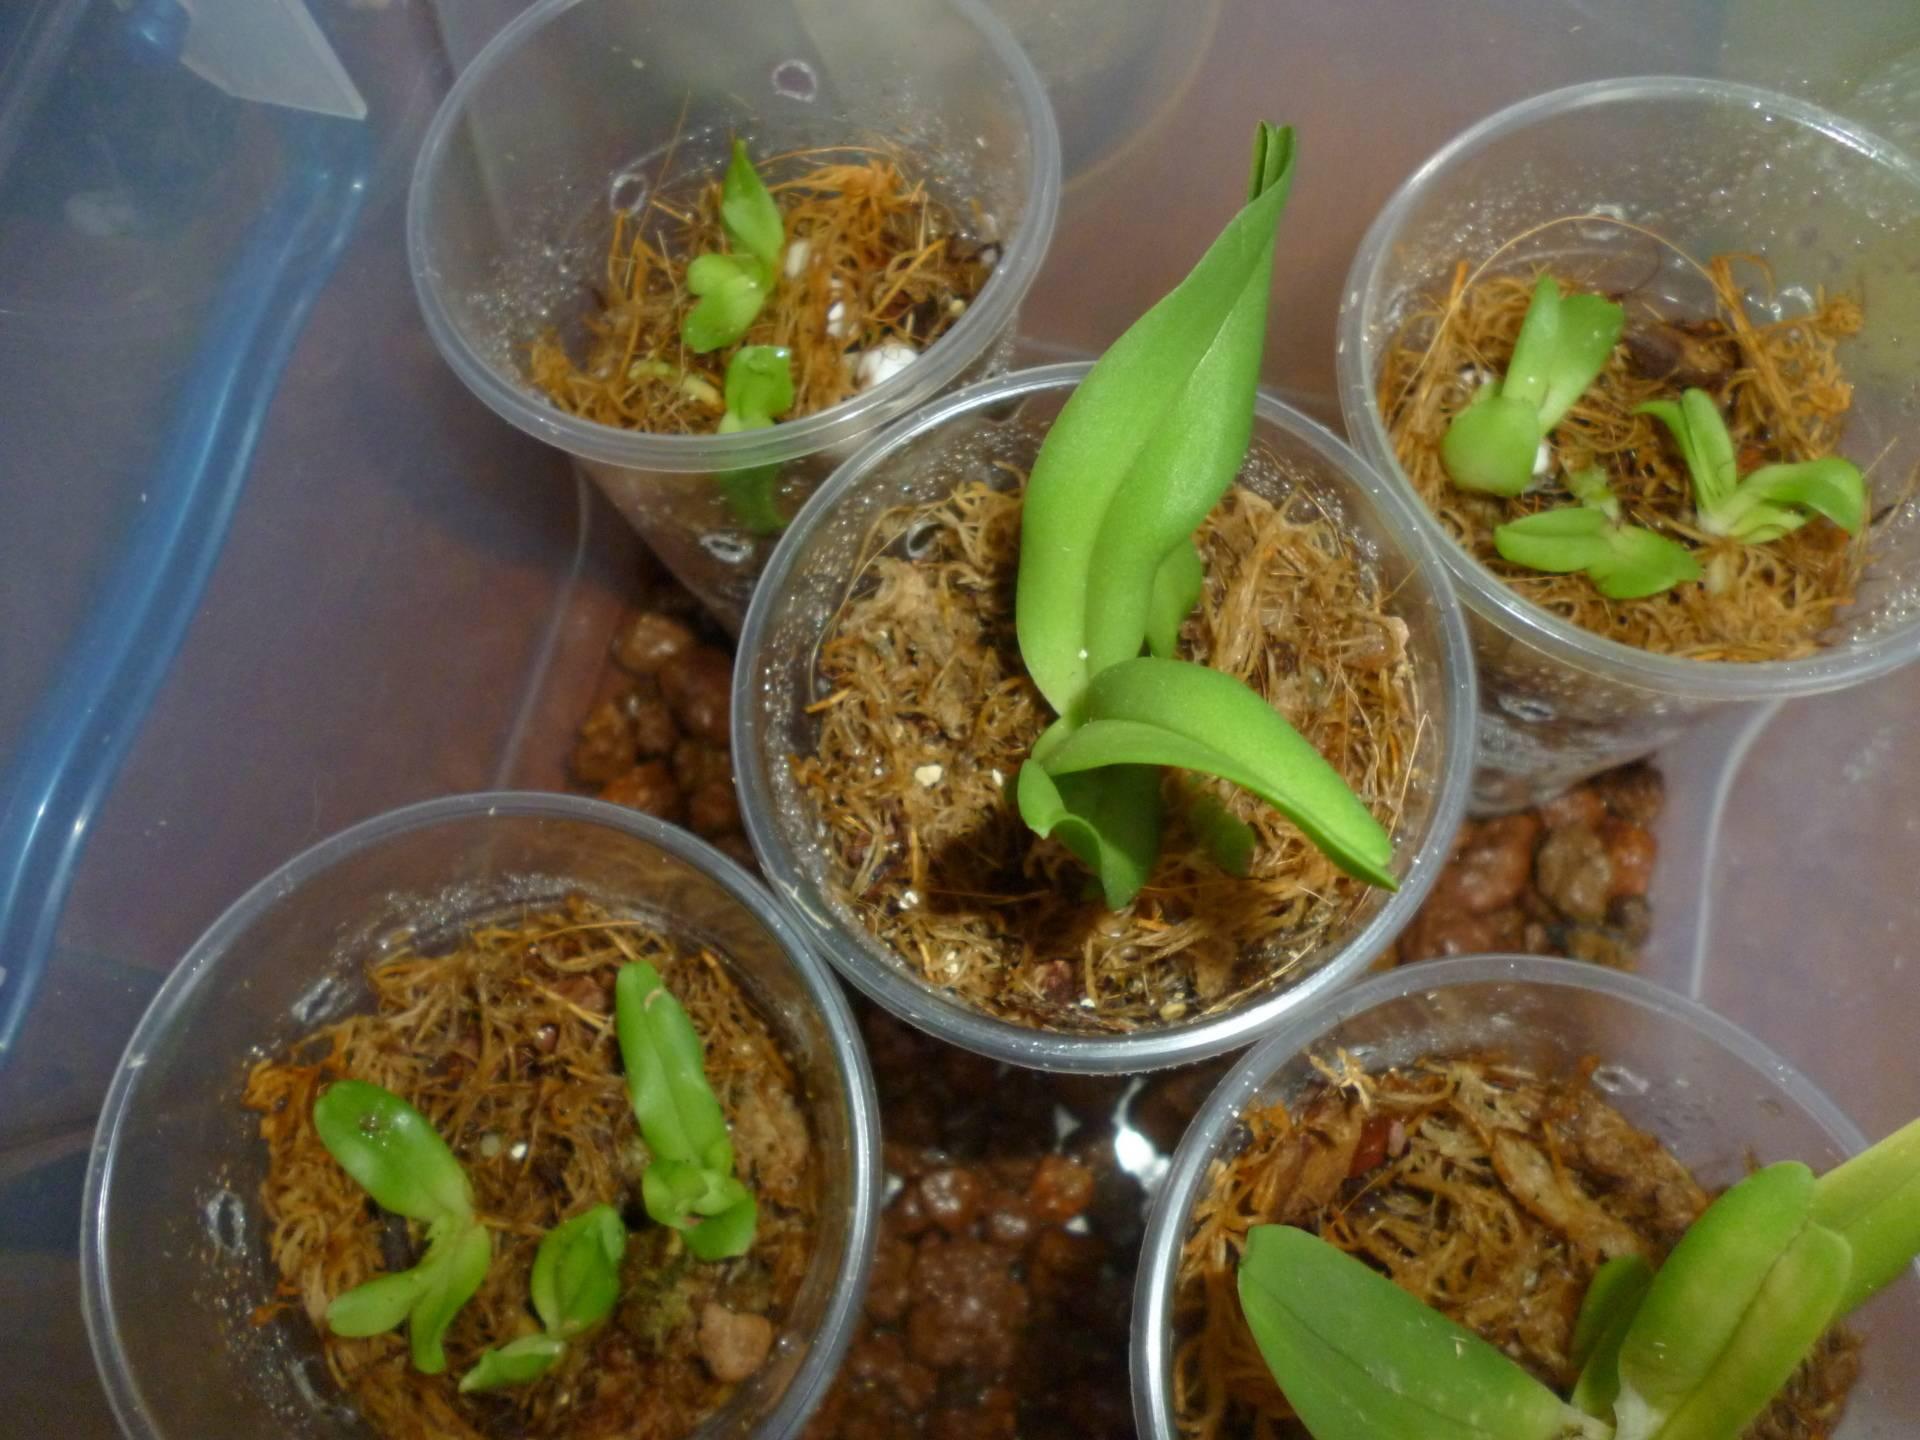 Орхидея из семян: выращивание в домашних условиях